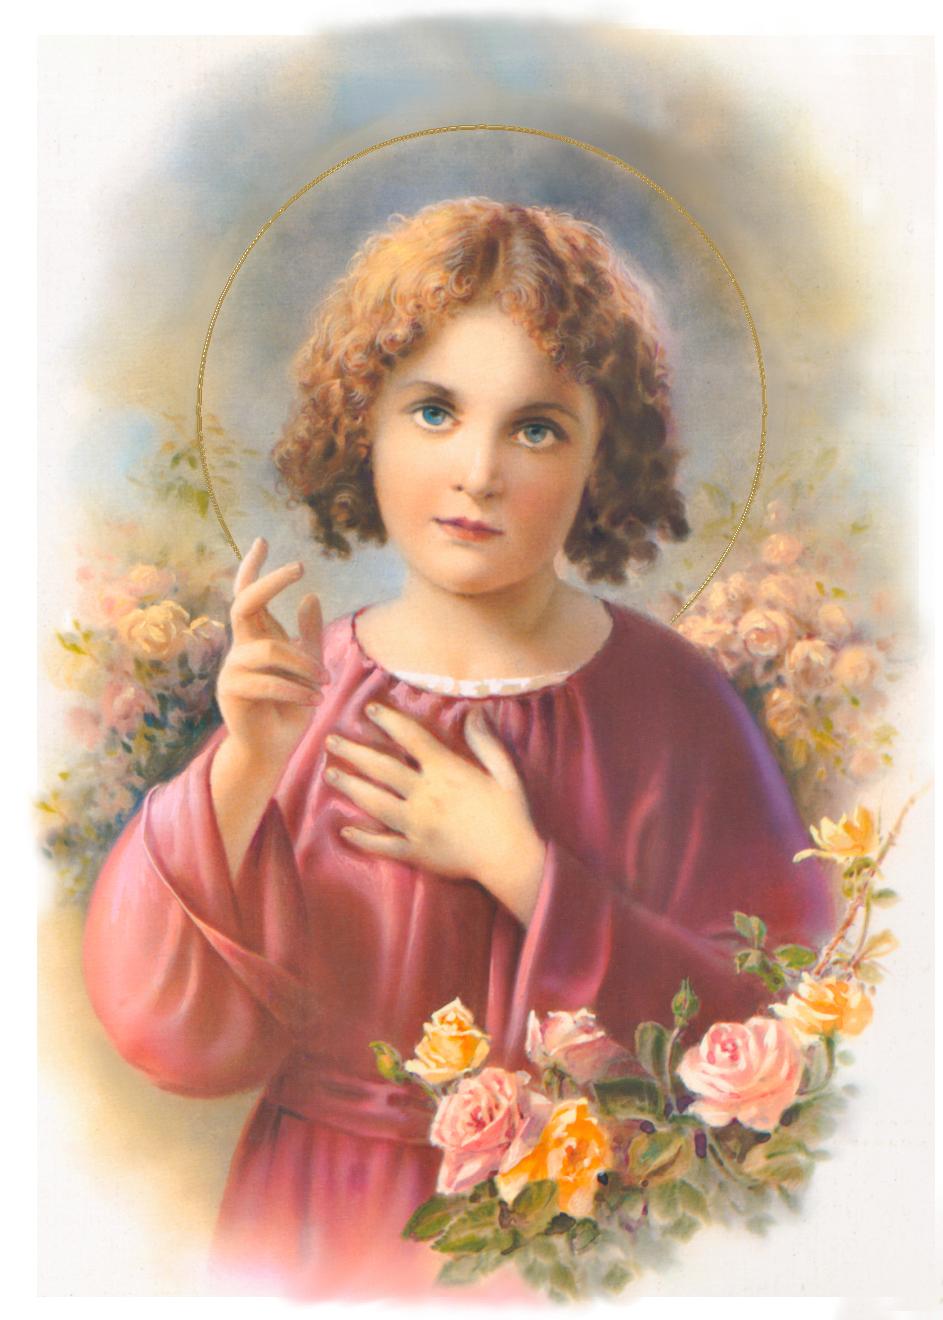 christ memorial child care center reviews